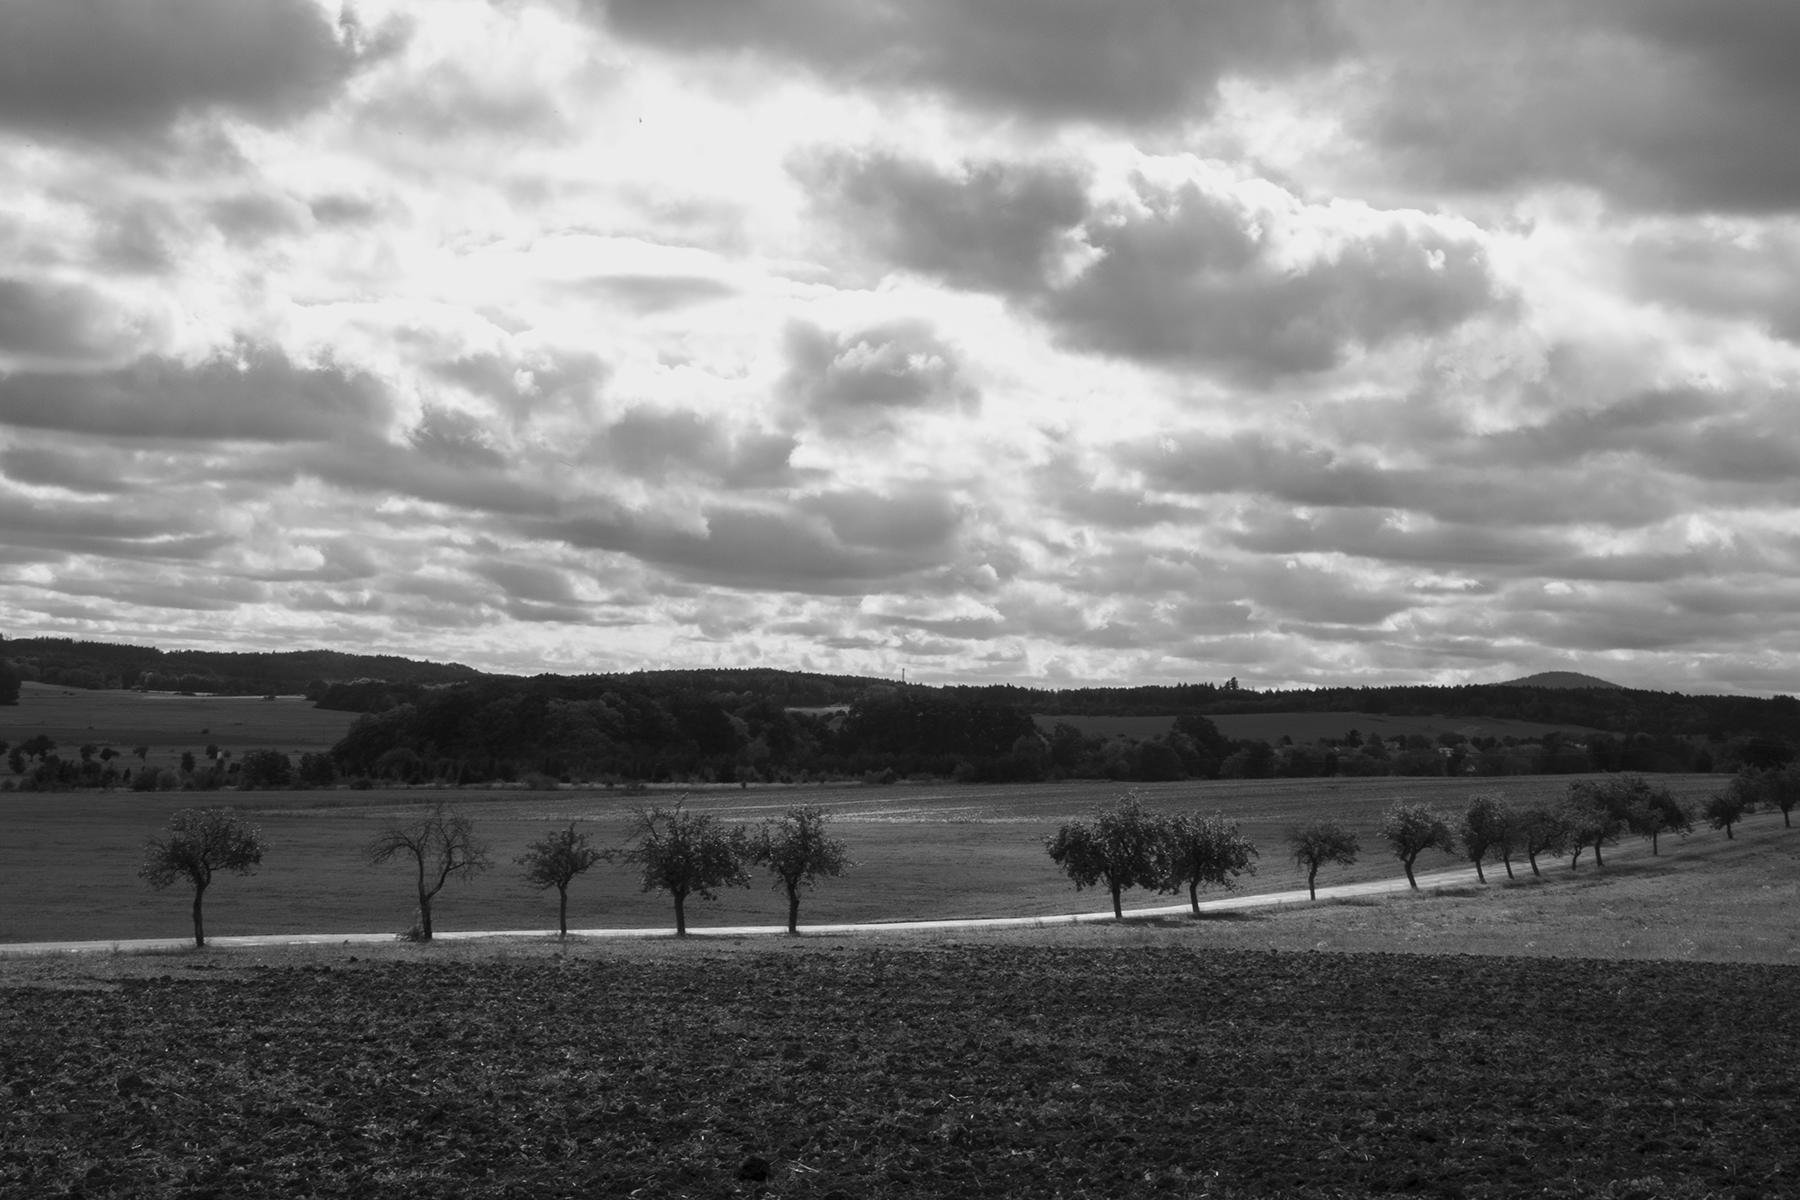 krajina<br>fotografické cvičení   2. ročník 2020